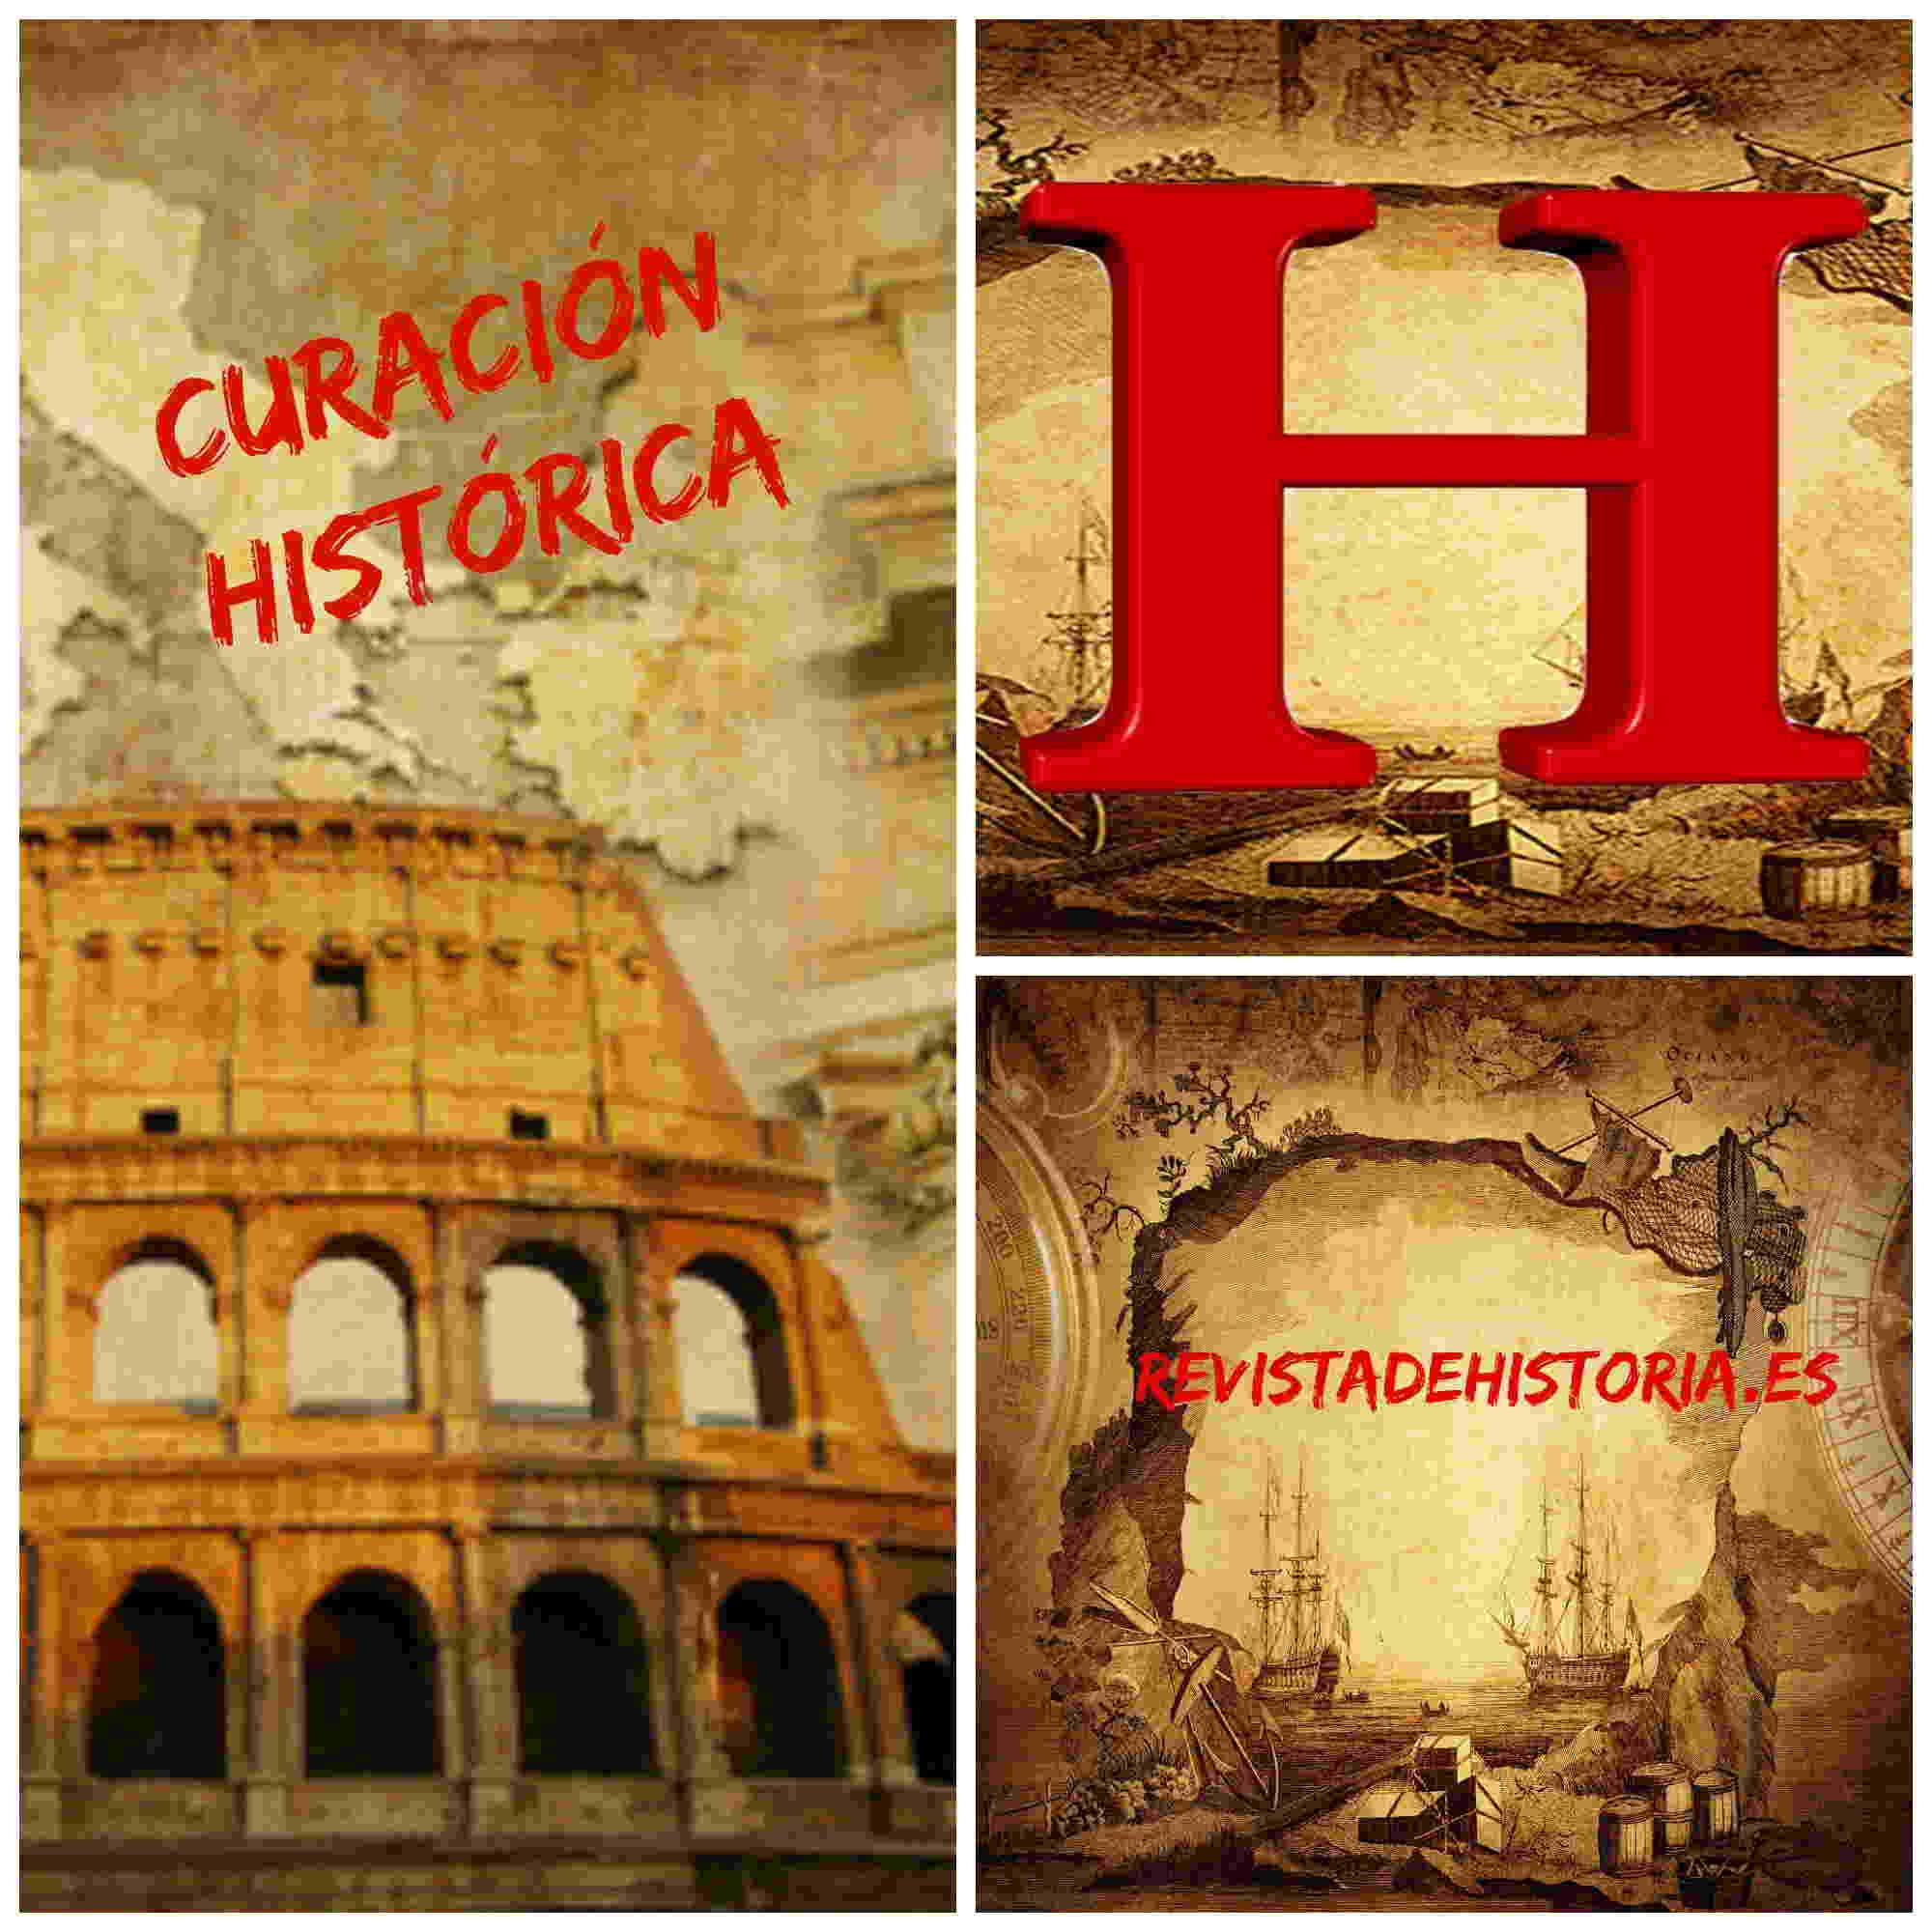 Curación de contenidos históricos 26 de Marzo 2016